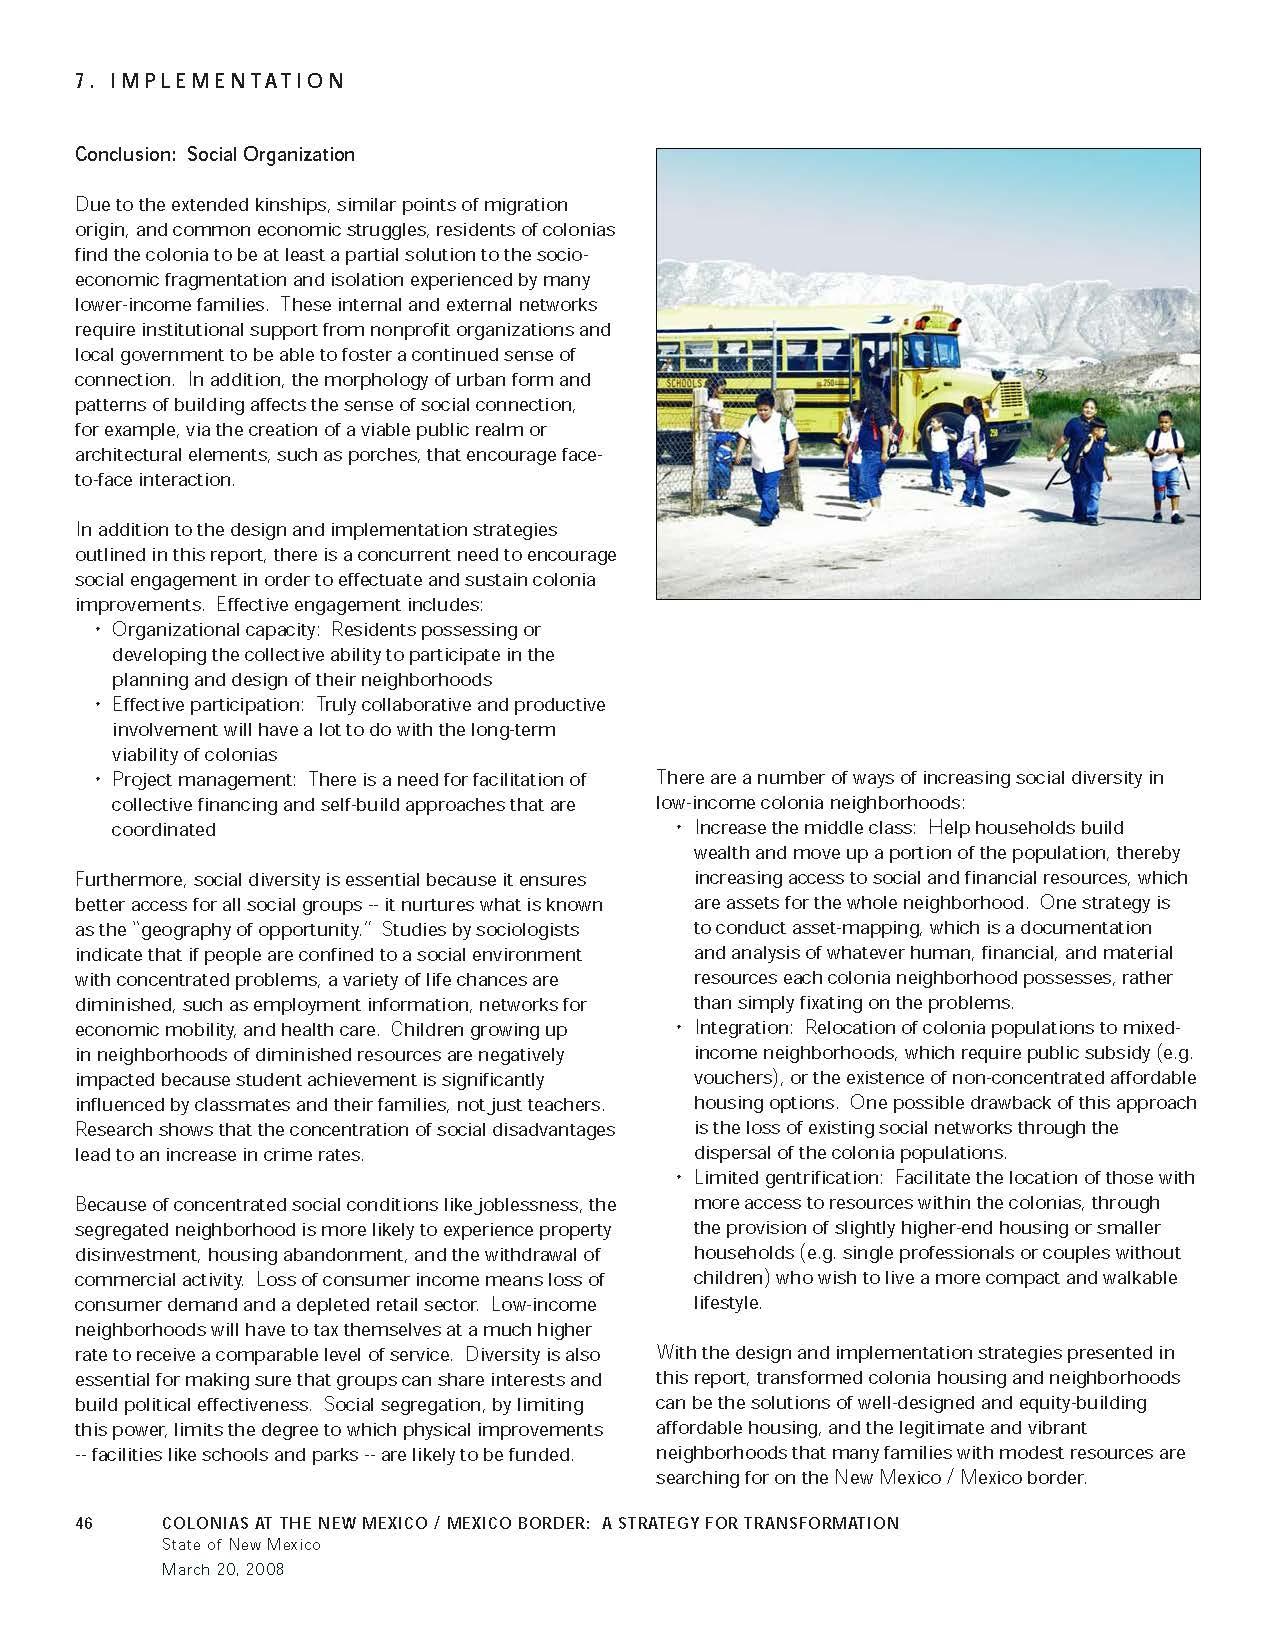 colonias_Page_46.jpg